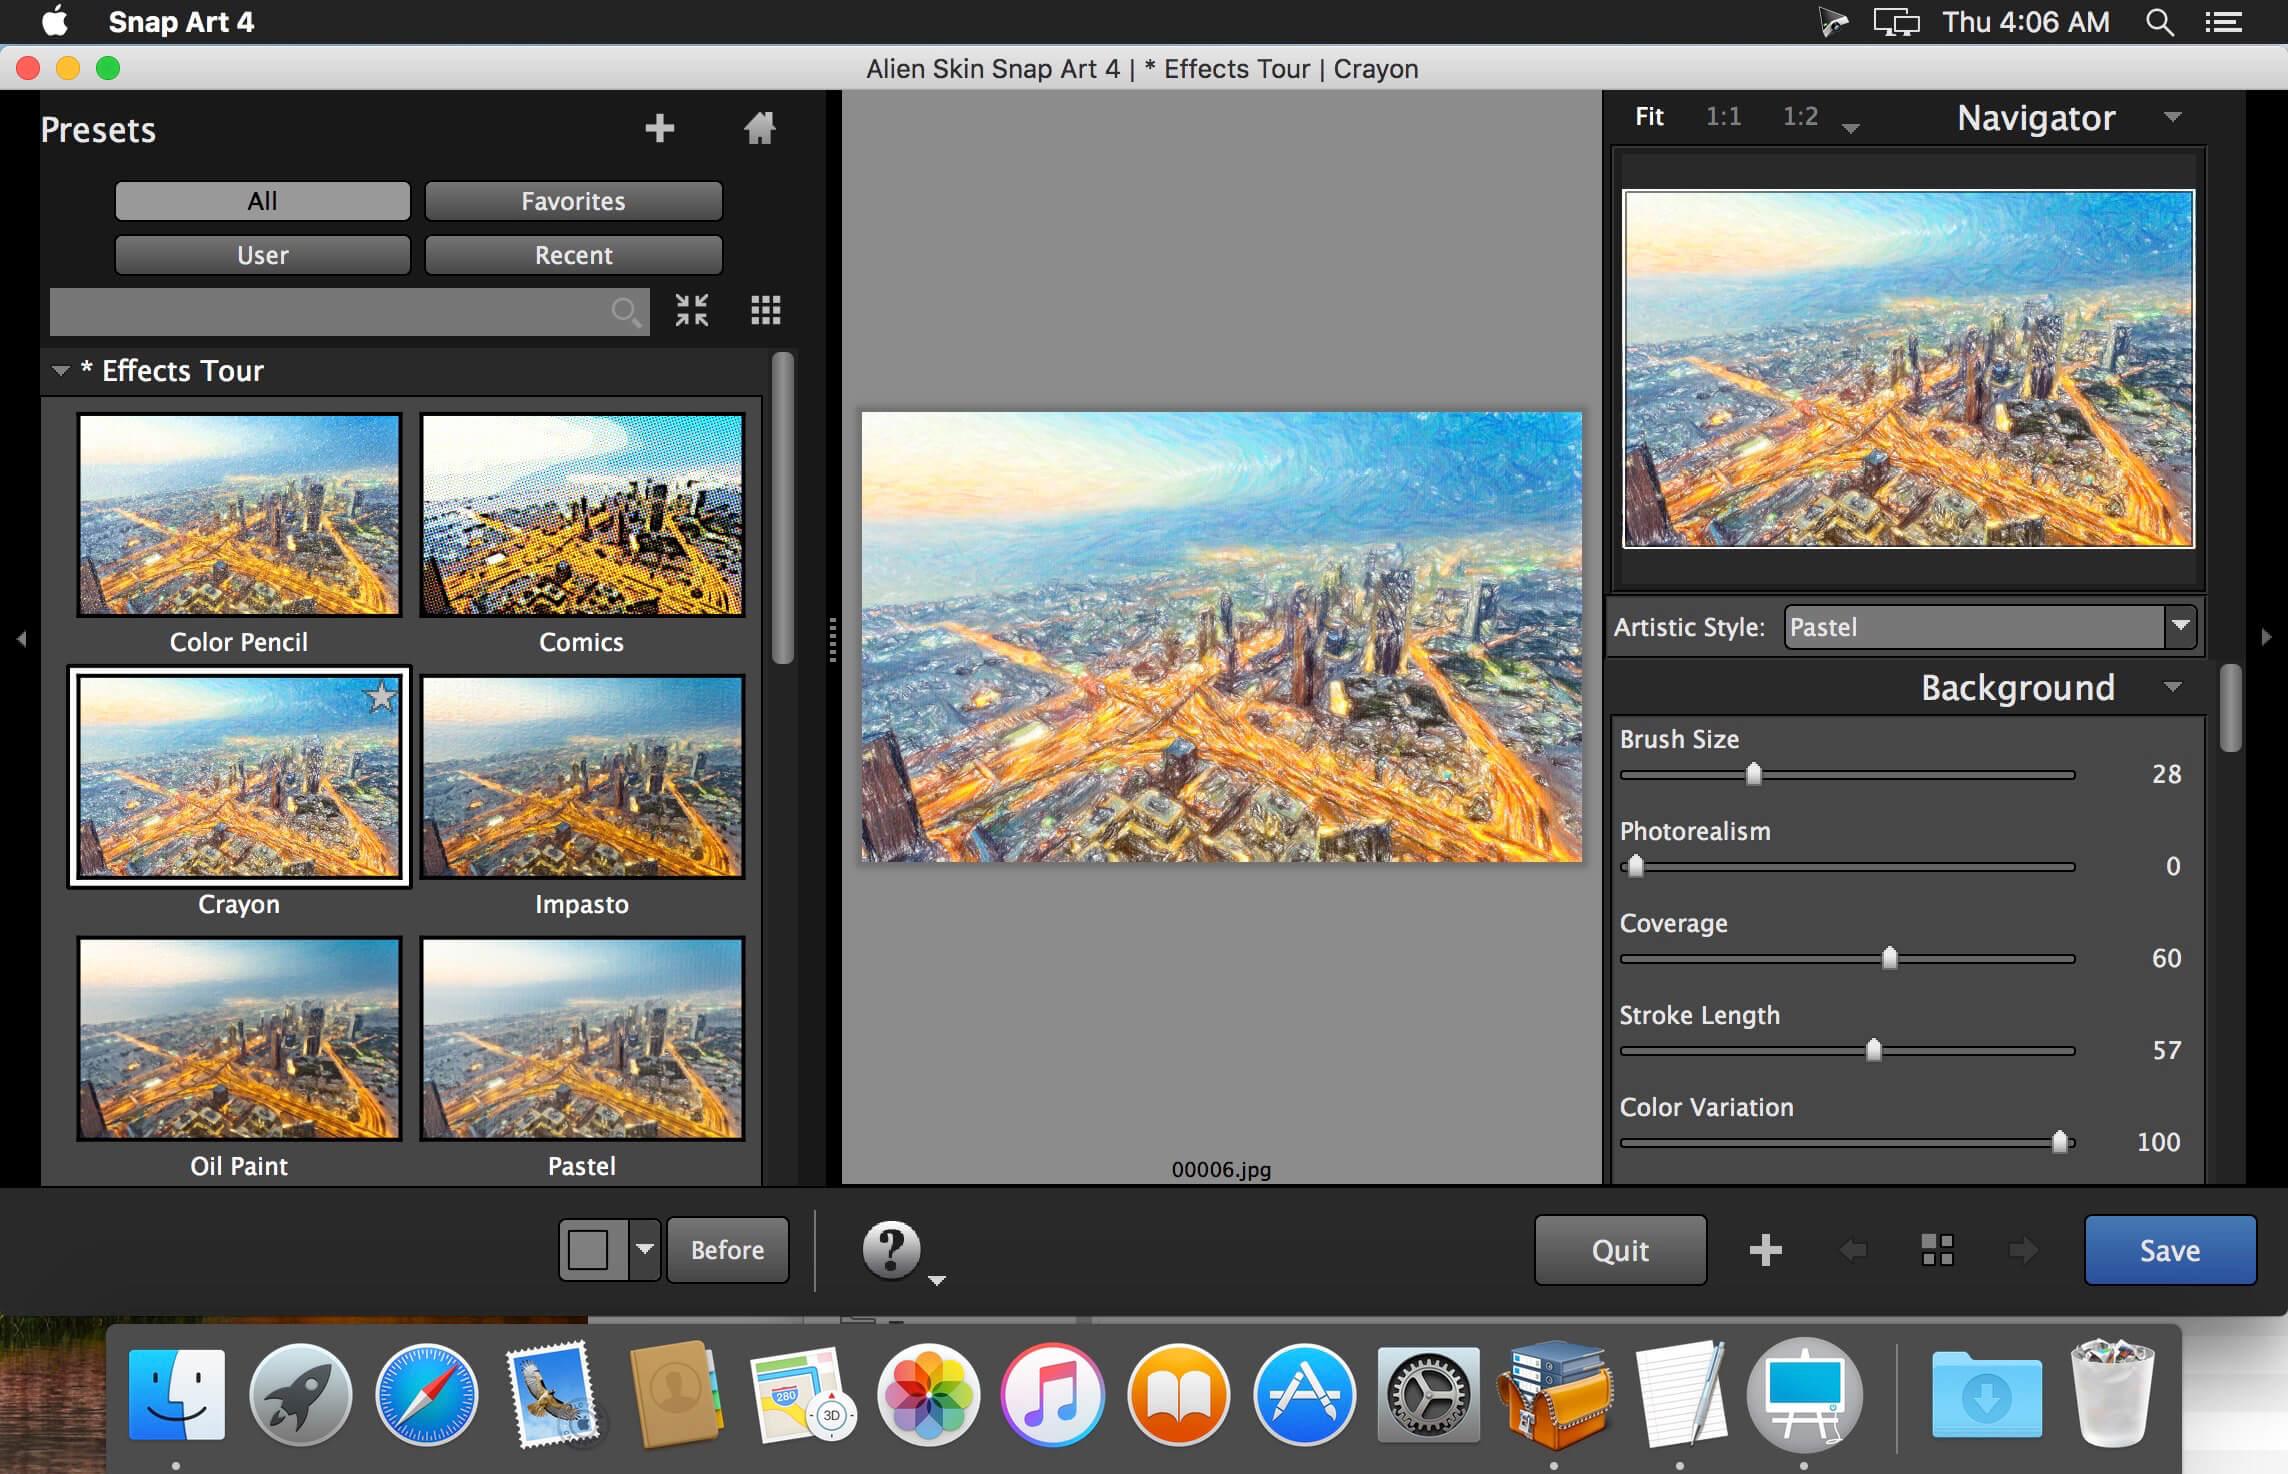 1507202260 exposure x 02 Alien Skin Snap Art For Mac 4.1.2.195   PS手绘滤镜 滤镜 PS手绘滤镜 Alien Skin Snap Art For Mac